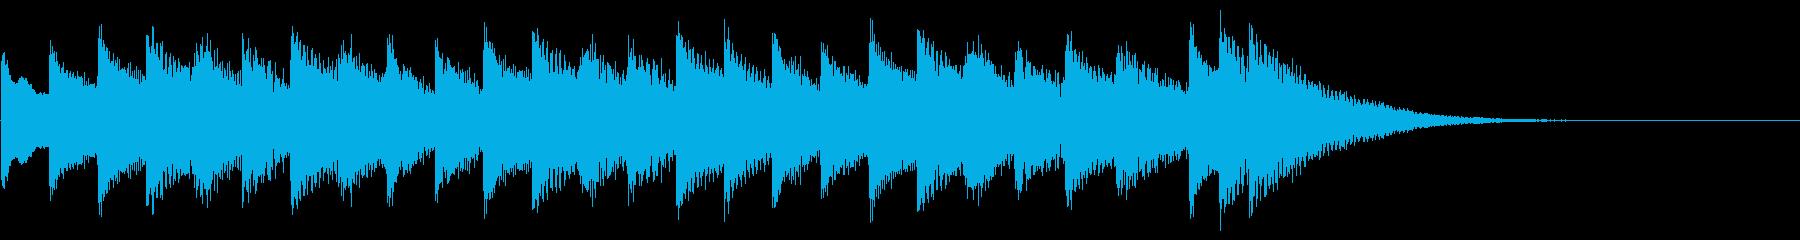 ジングル『電車発車メロディー風』_02の再生済みの波形